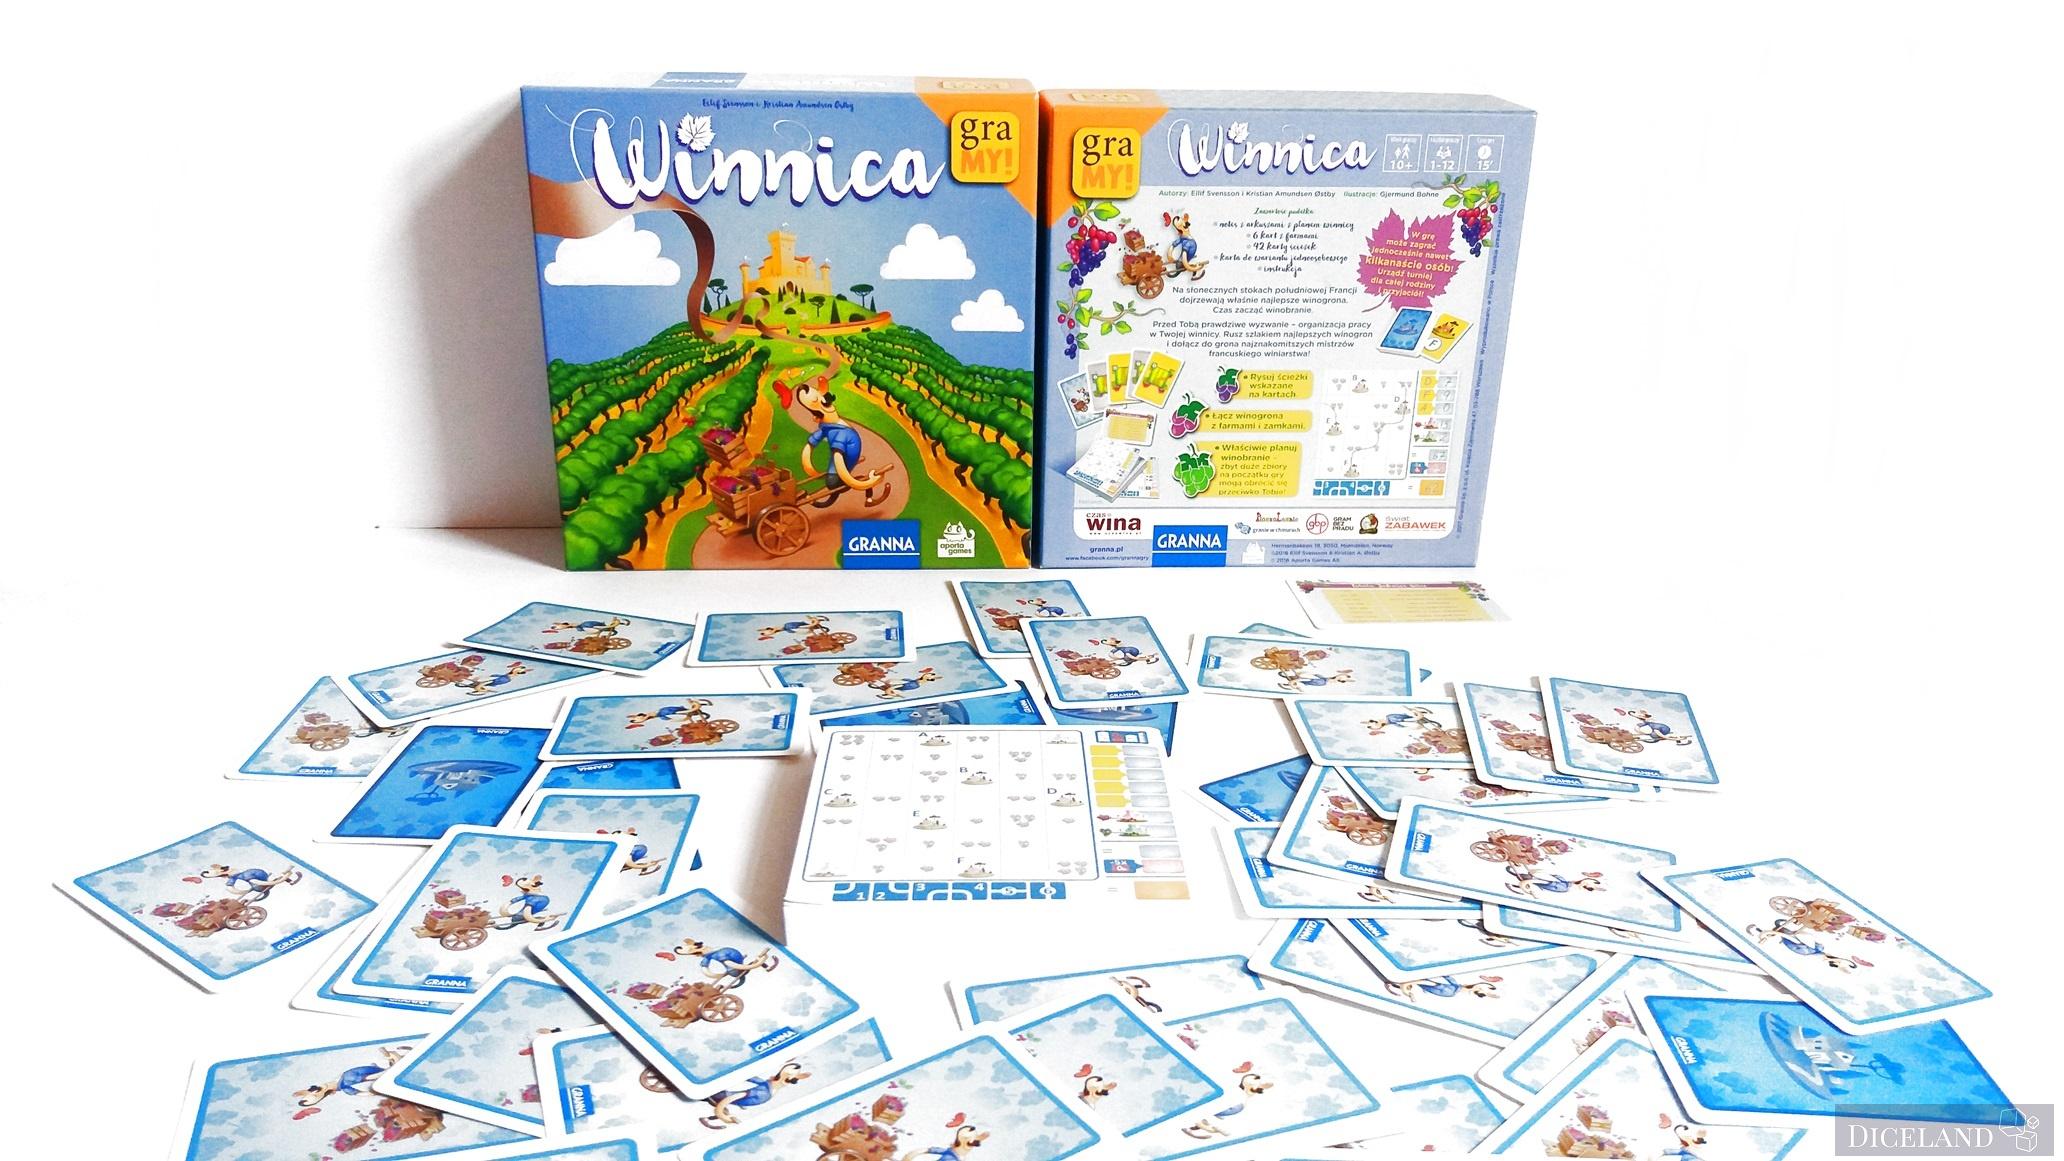 Winnica 14 Recenzja #10 Winnica